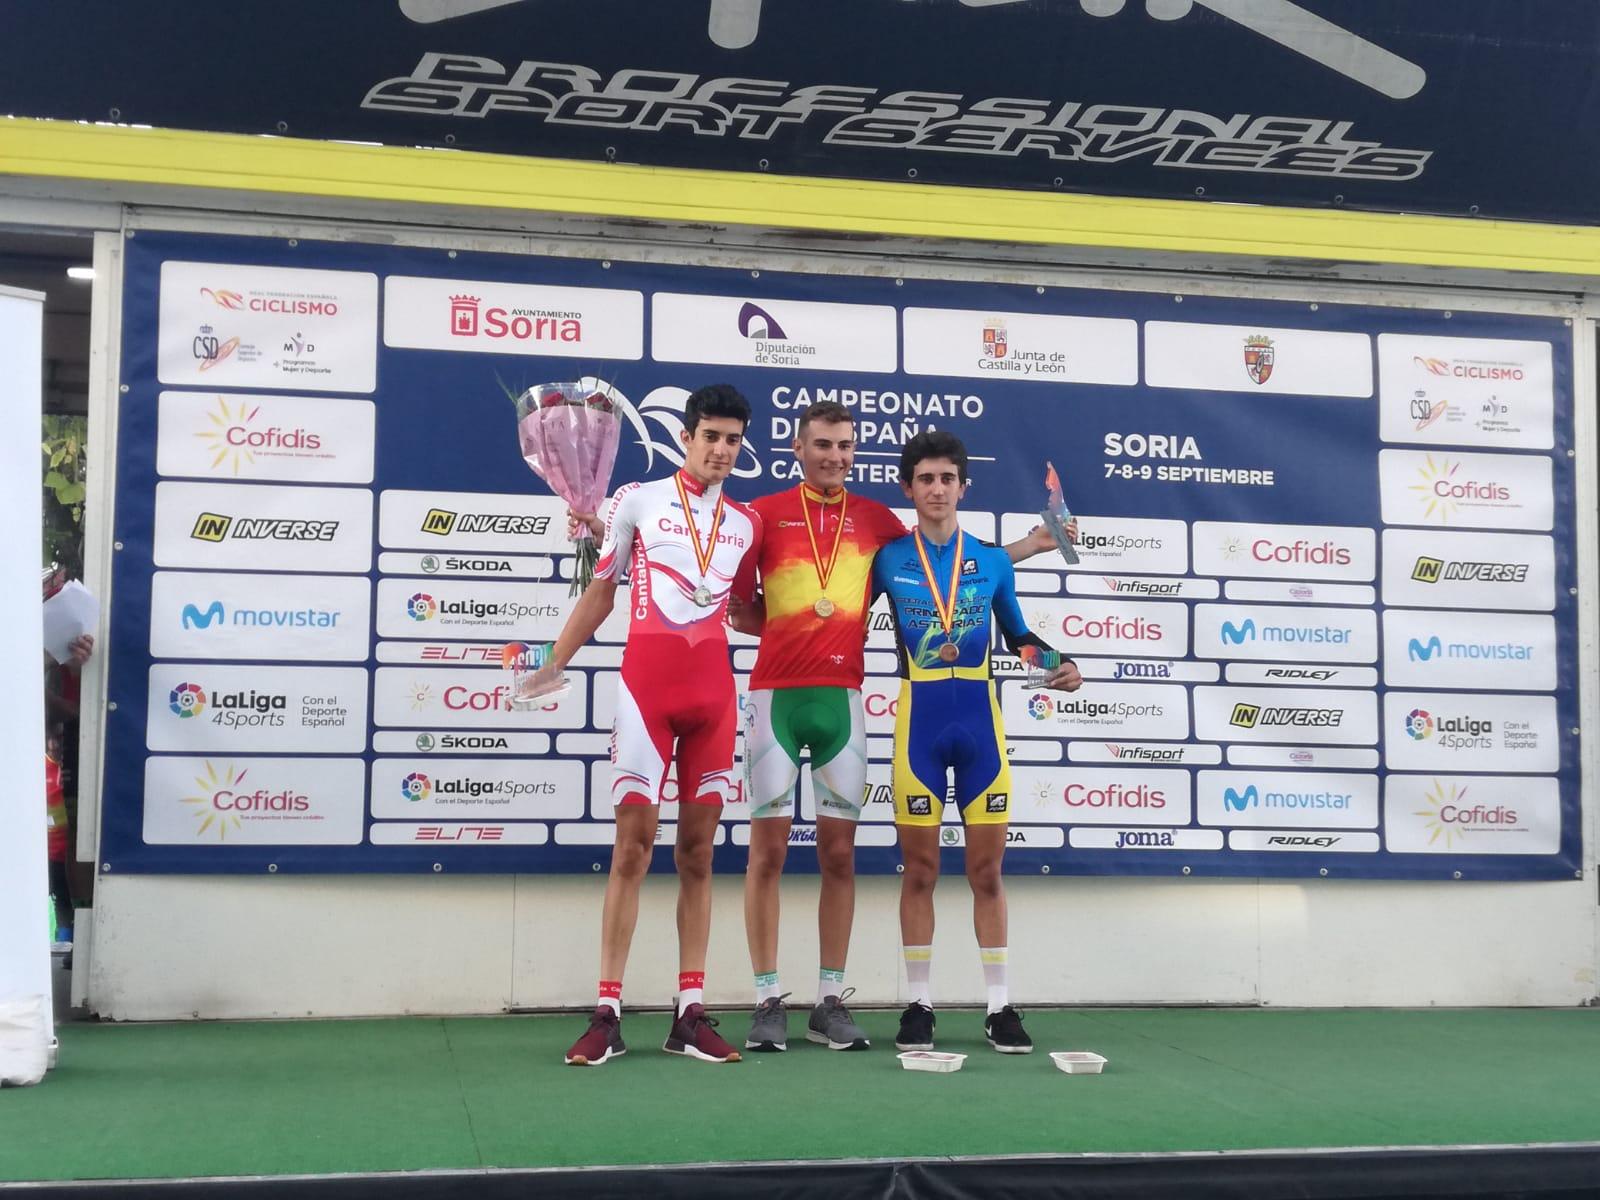 pelayo-sanchez-mundialista-en-innsbruk-y-medalla-de-bronce-en-los-campeonatos-de-espana_IMG-20181002-WA0069